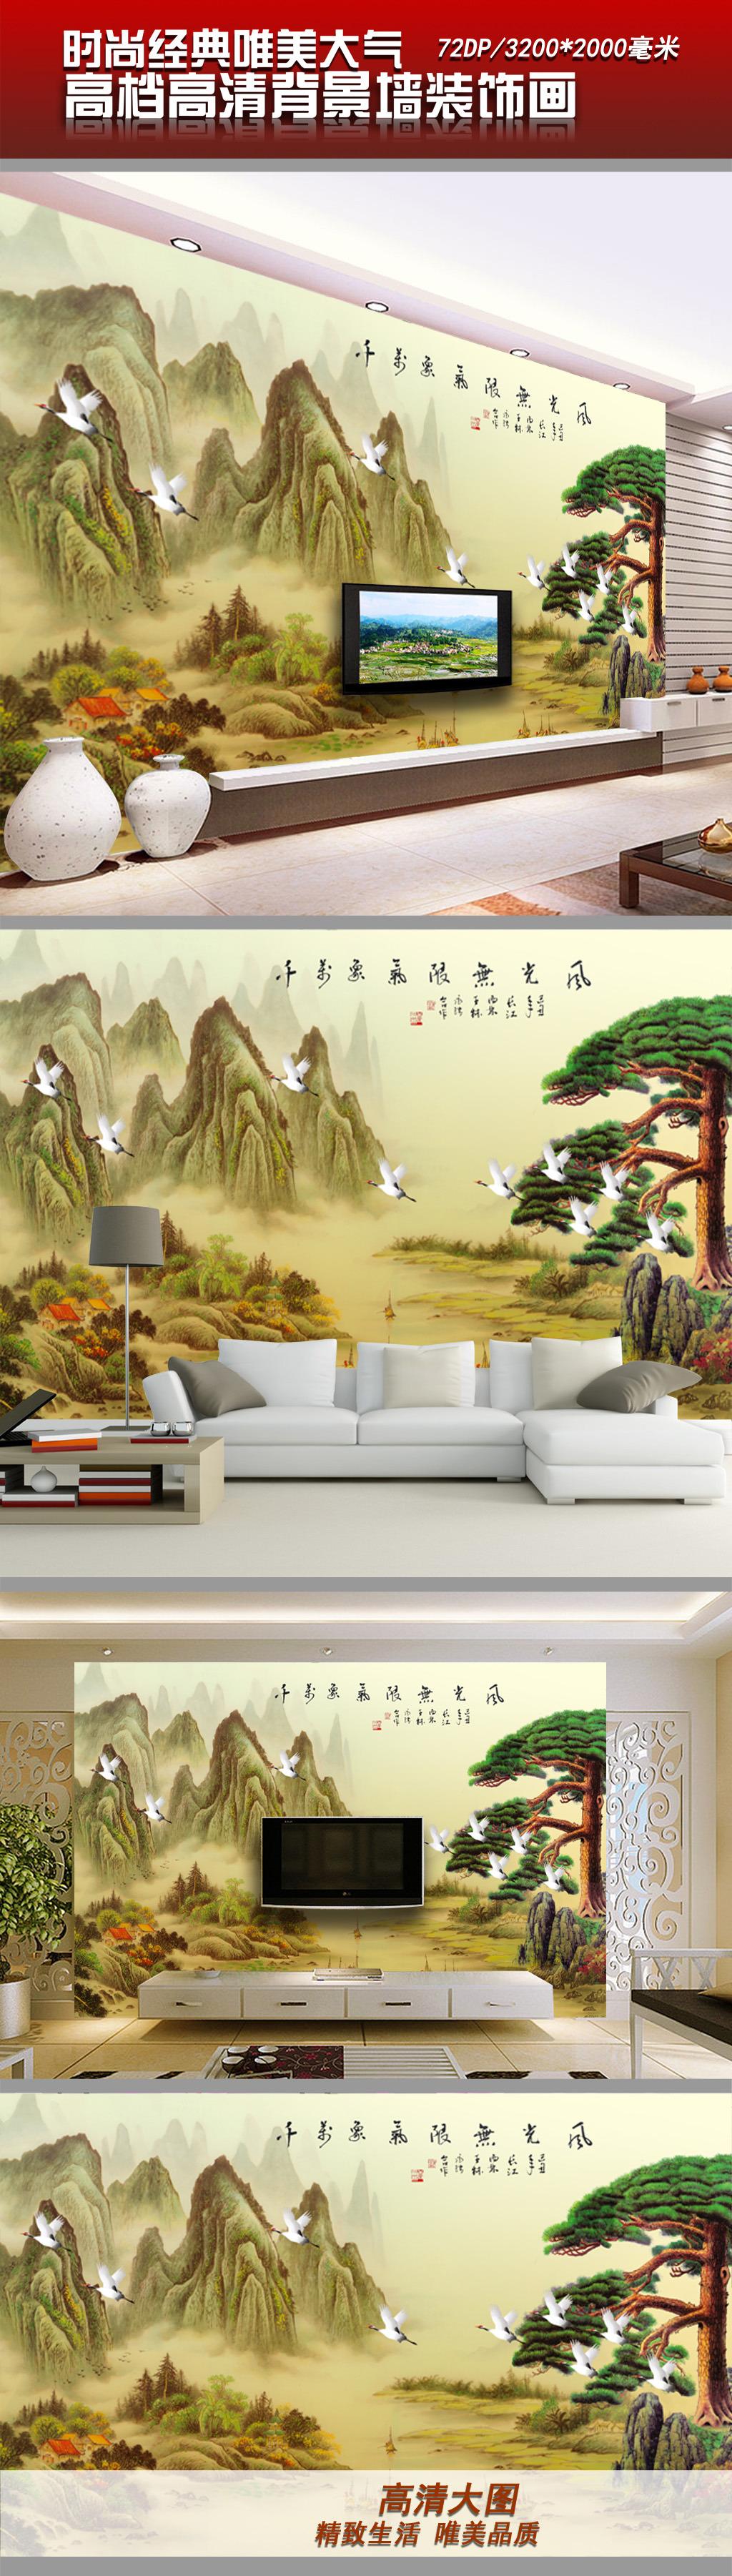 装饰画 形象墙 衣柜 客厅电视背景 瓷砖背景 迎客松 山水画 手绘 仙鹤